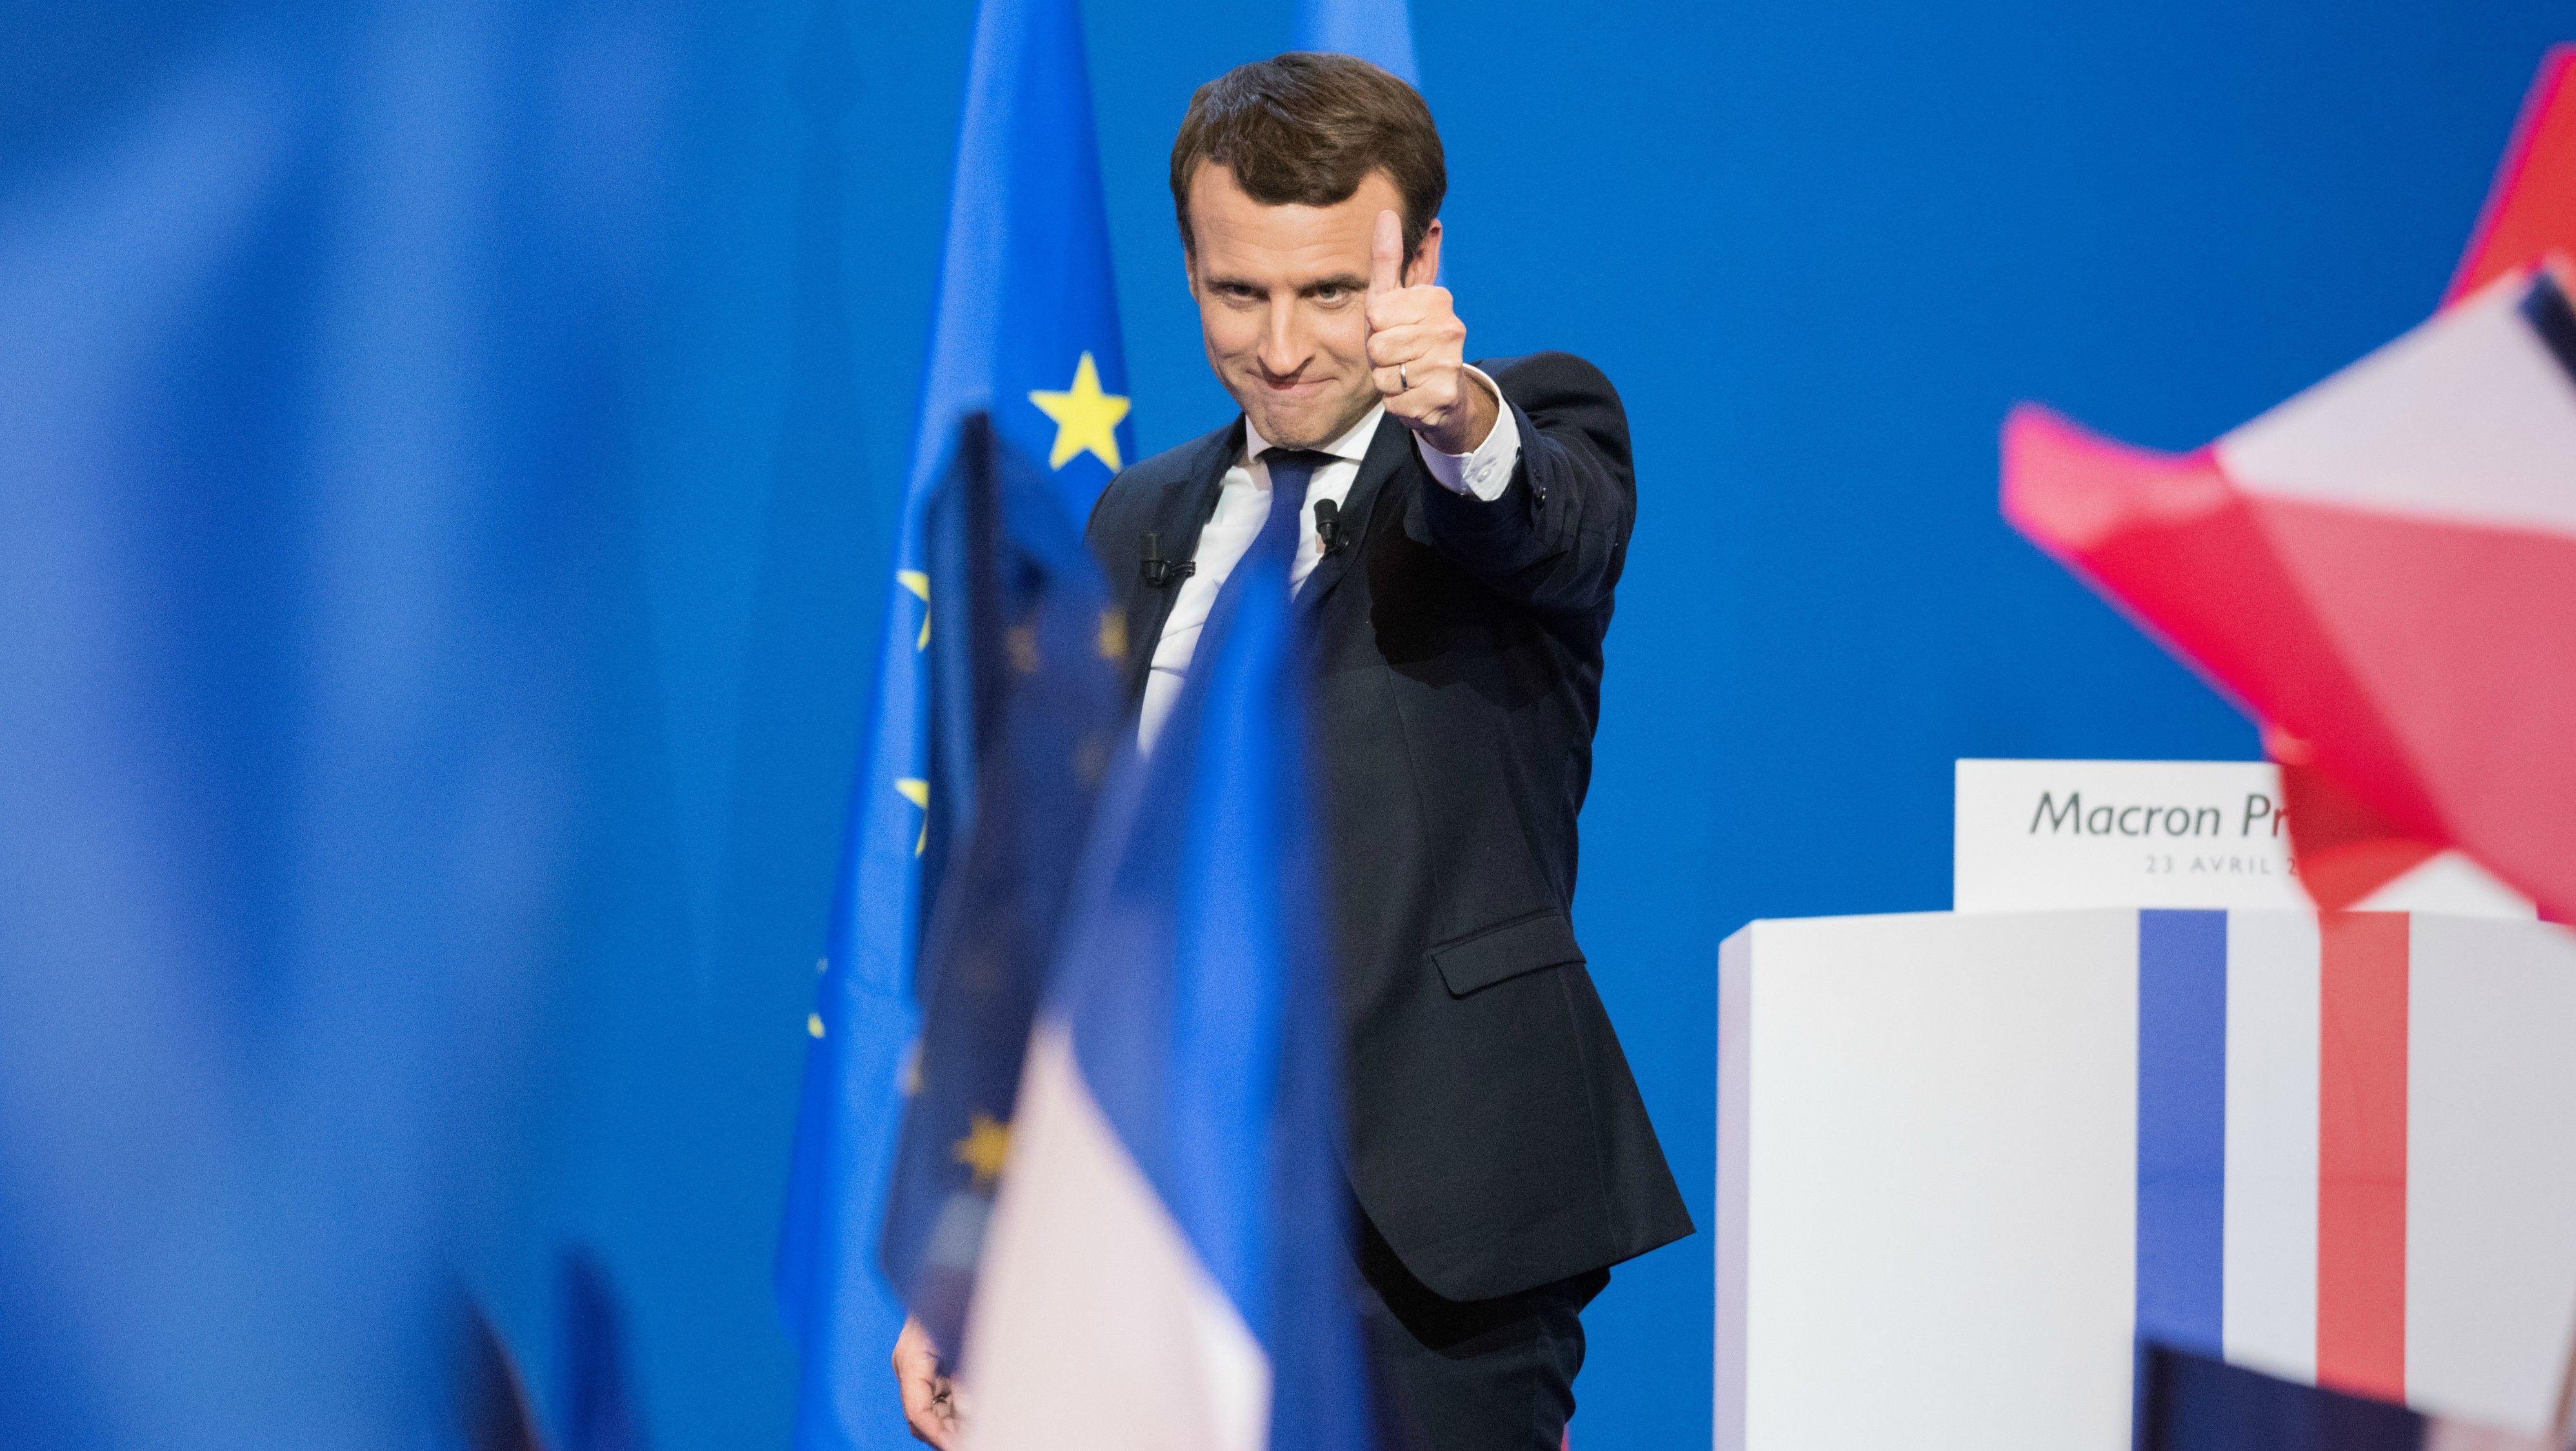 Macron veut une ttf europ enne d di e la solidarit internationale - Pacte energie solidarite 2017 ...